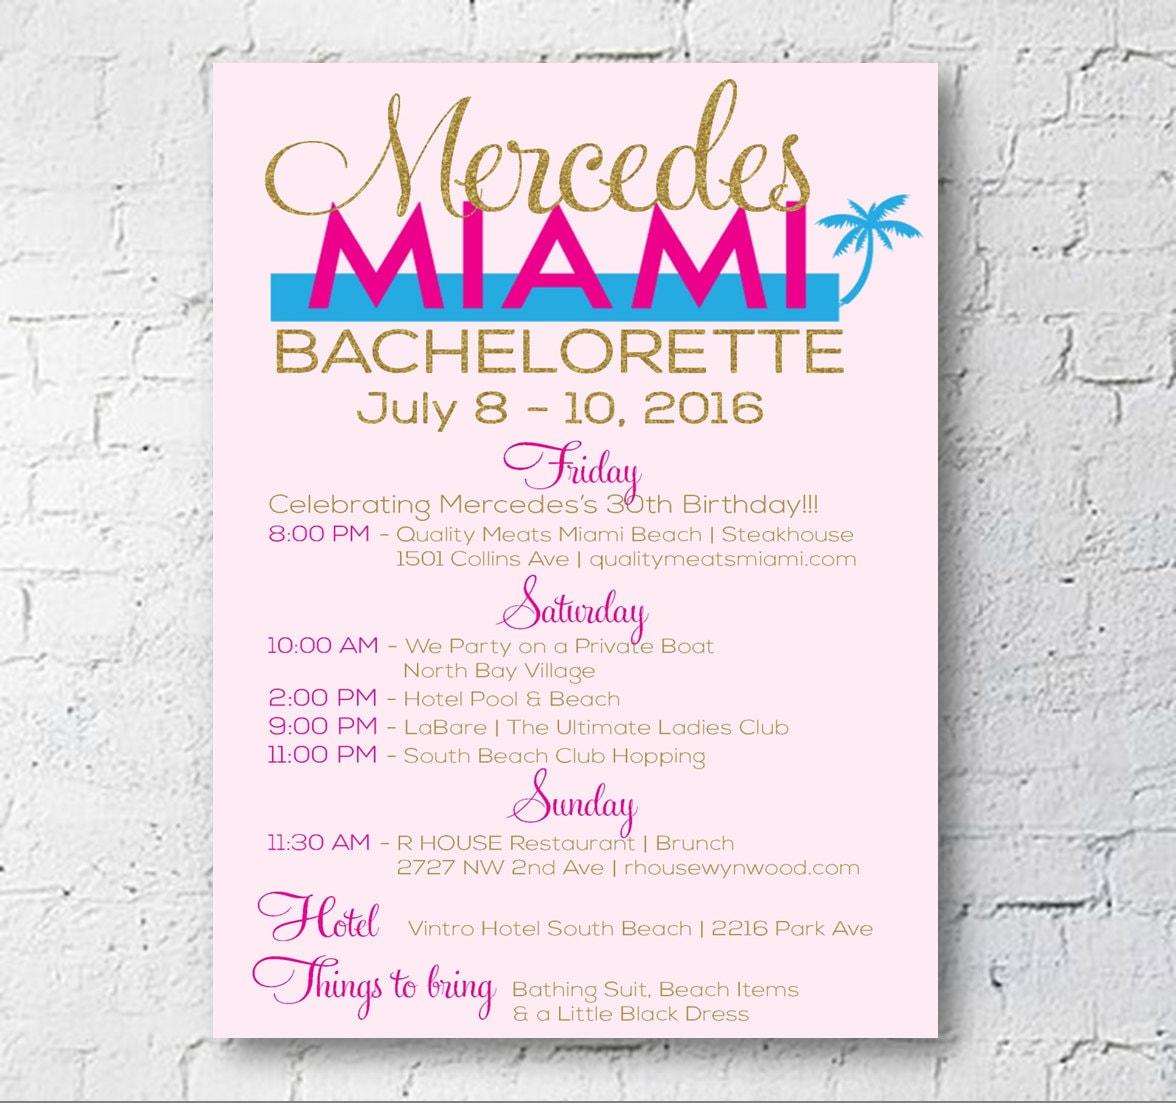 Miami Bachelorette Party Invitation Flyer Digital Download